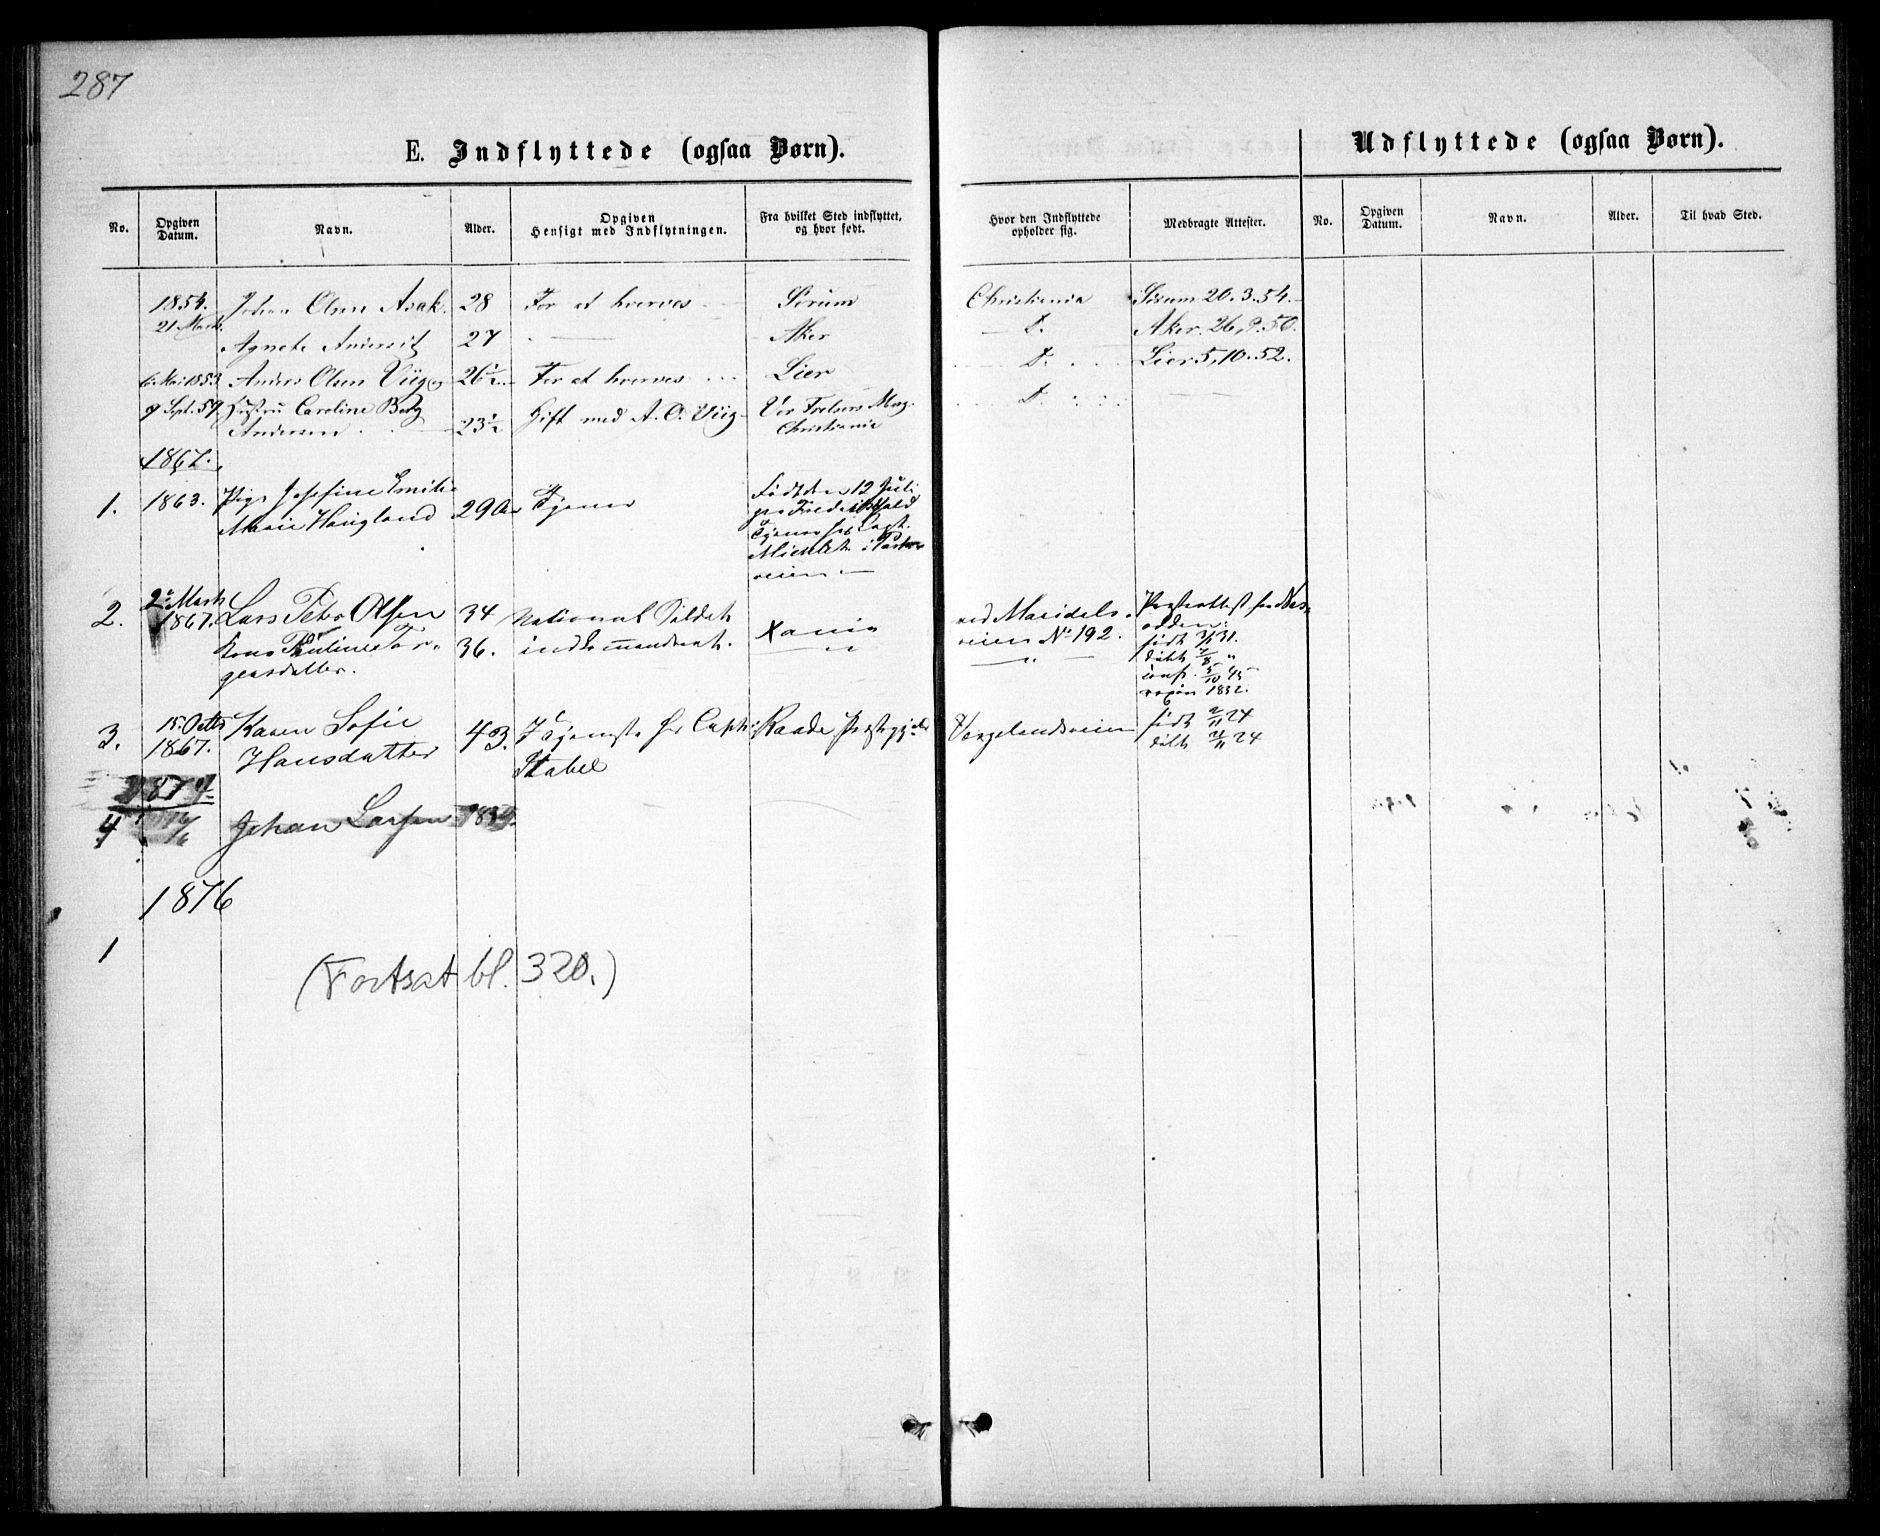 SAO, Garnisonsmenigheten Kirkebøker, G/Ga/L0006: Klokkerbok nr. 6, 1860-1880, s. 287